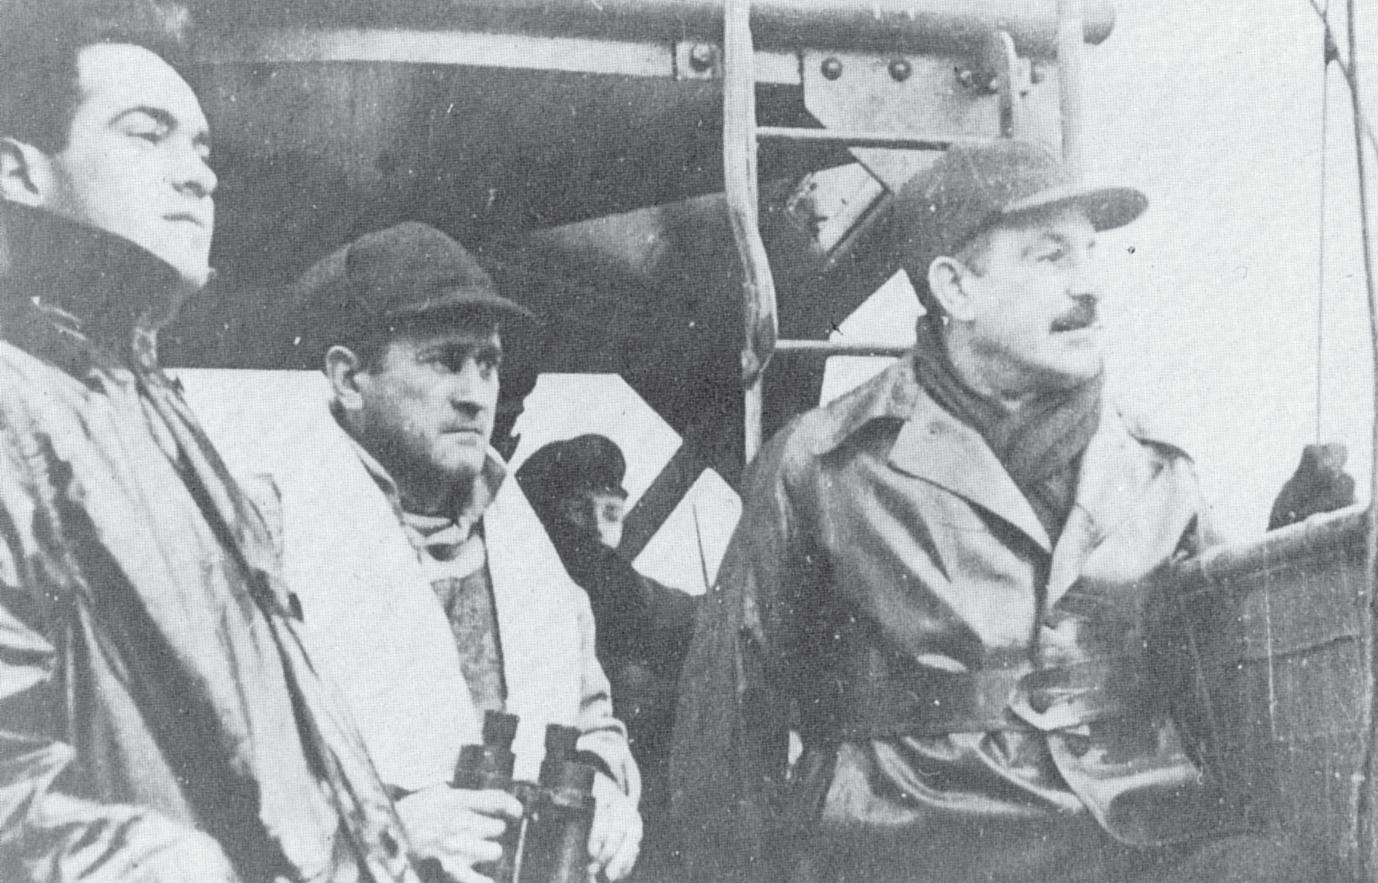 24 décembre 1941 – l'amiral Muselier a rallié la population de Saint-Pierre-et-Miquelon à la France Libre et à la cause alliée